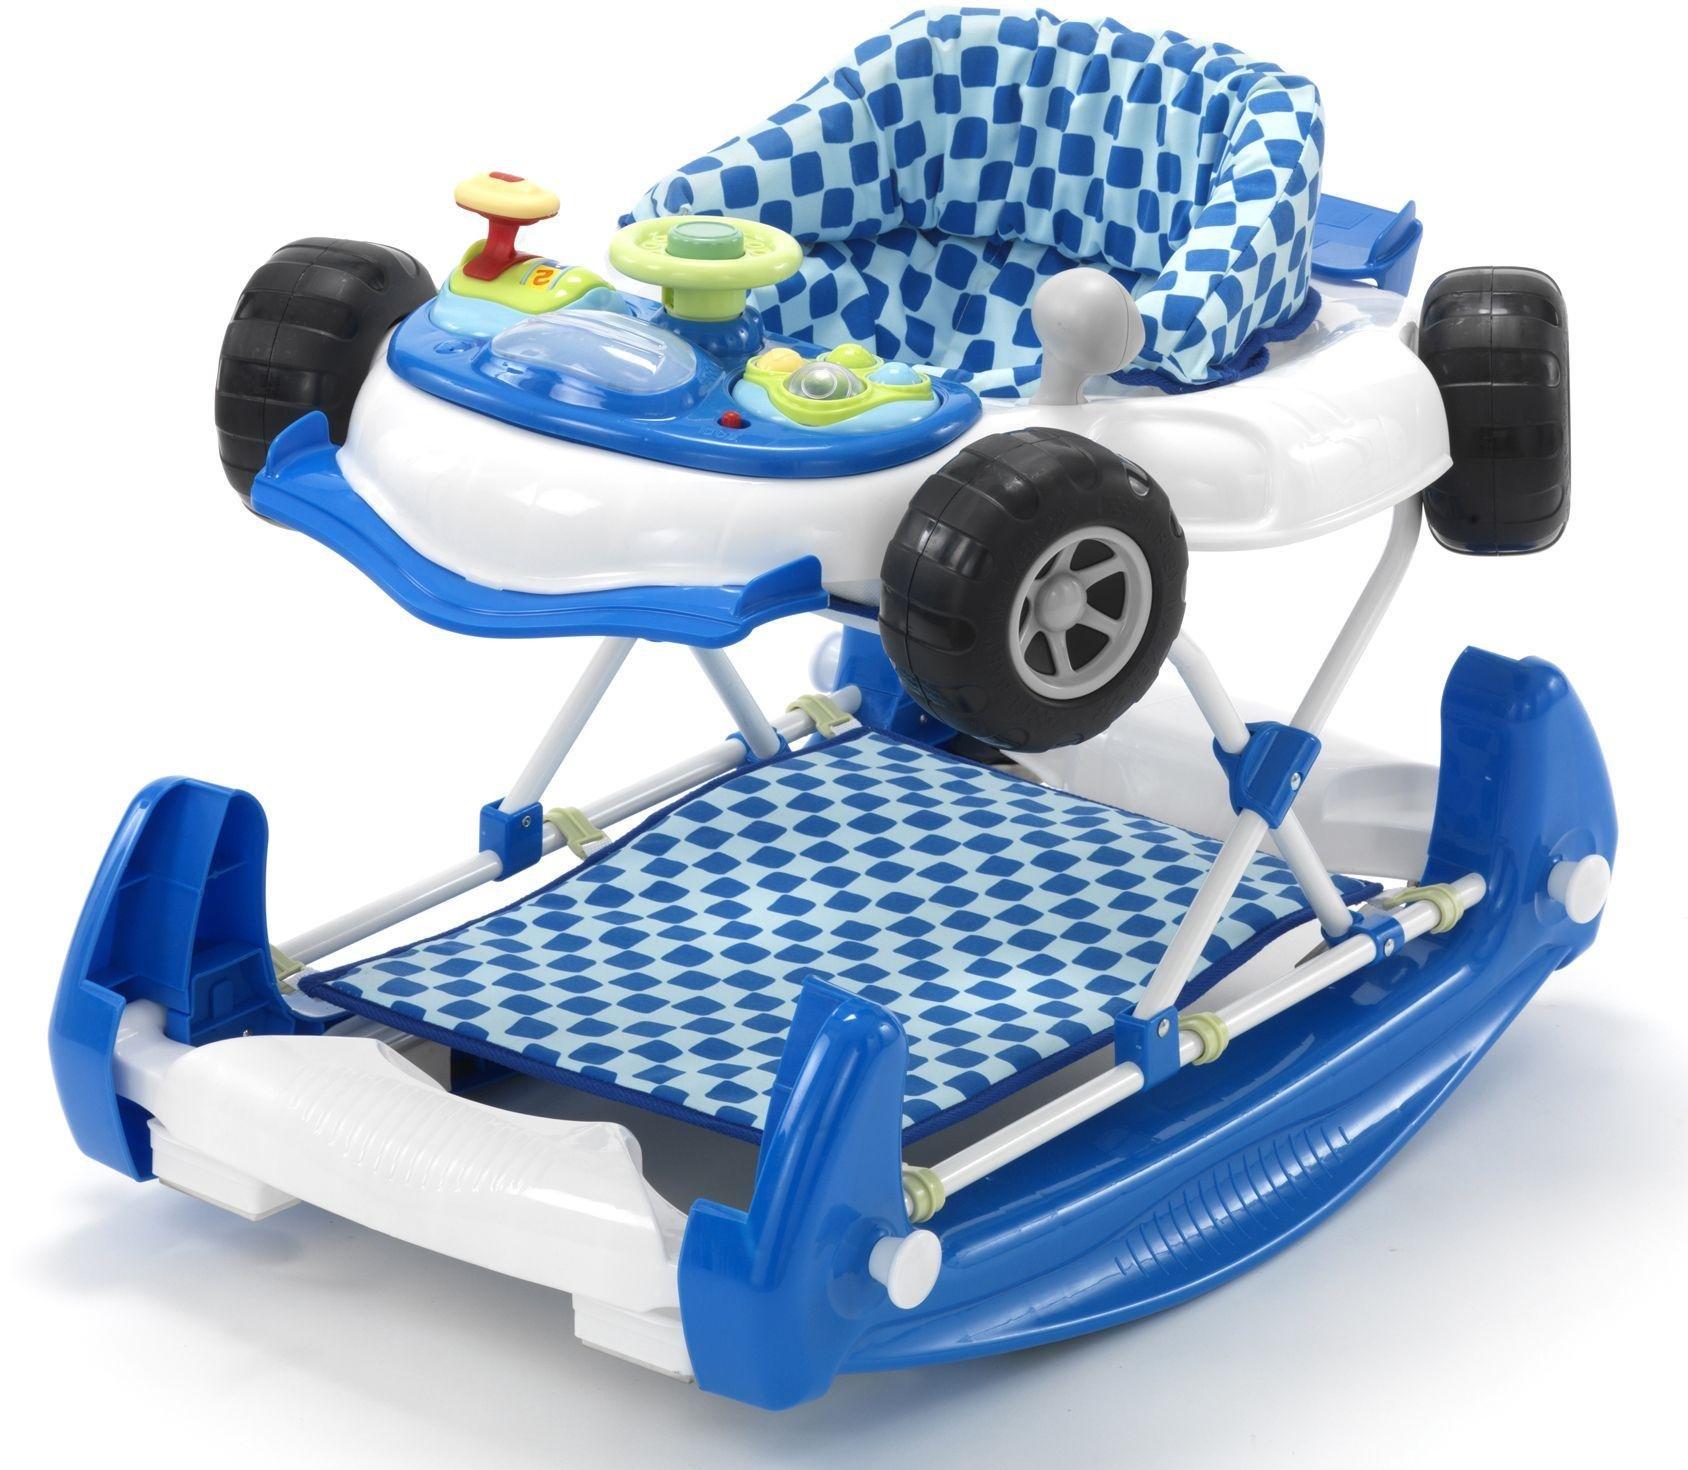 MyChild Car 2-in-1 Baby Walker - Blue